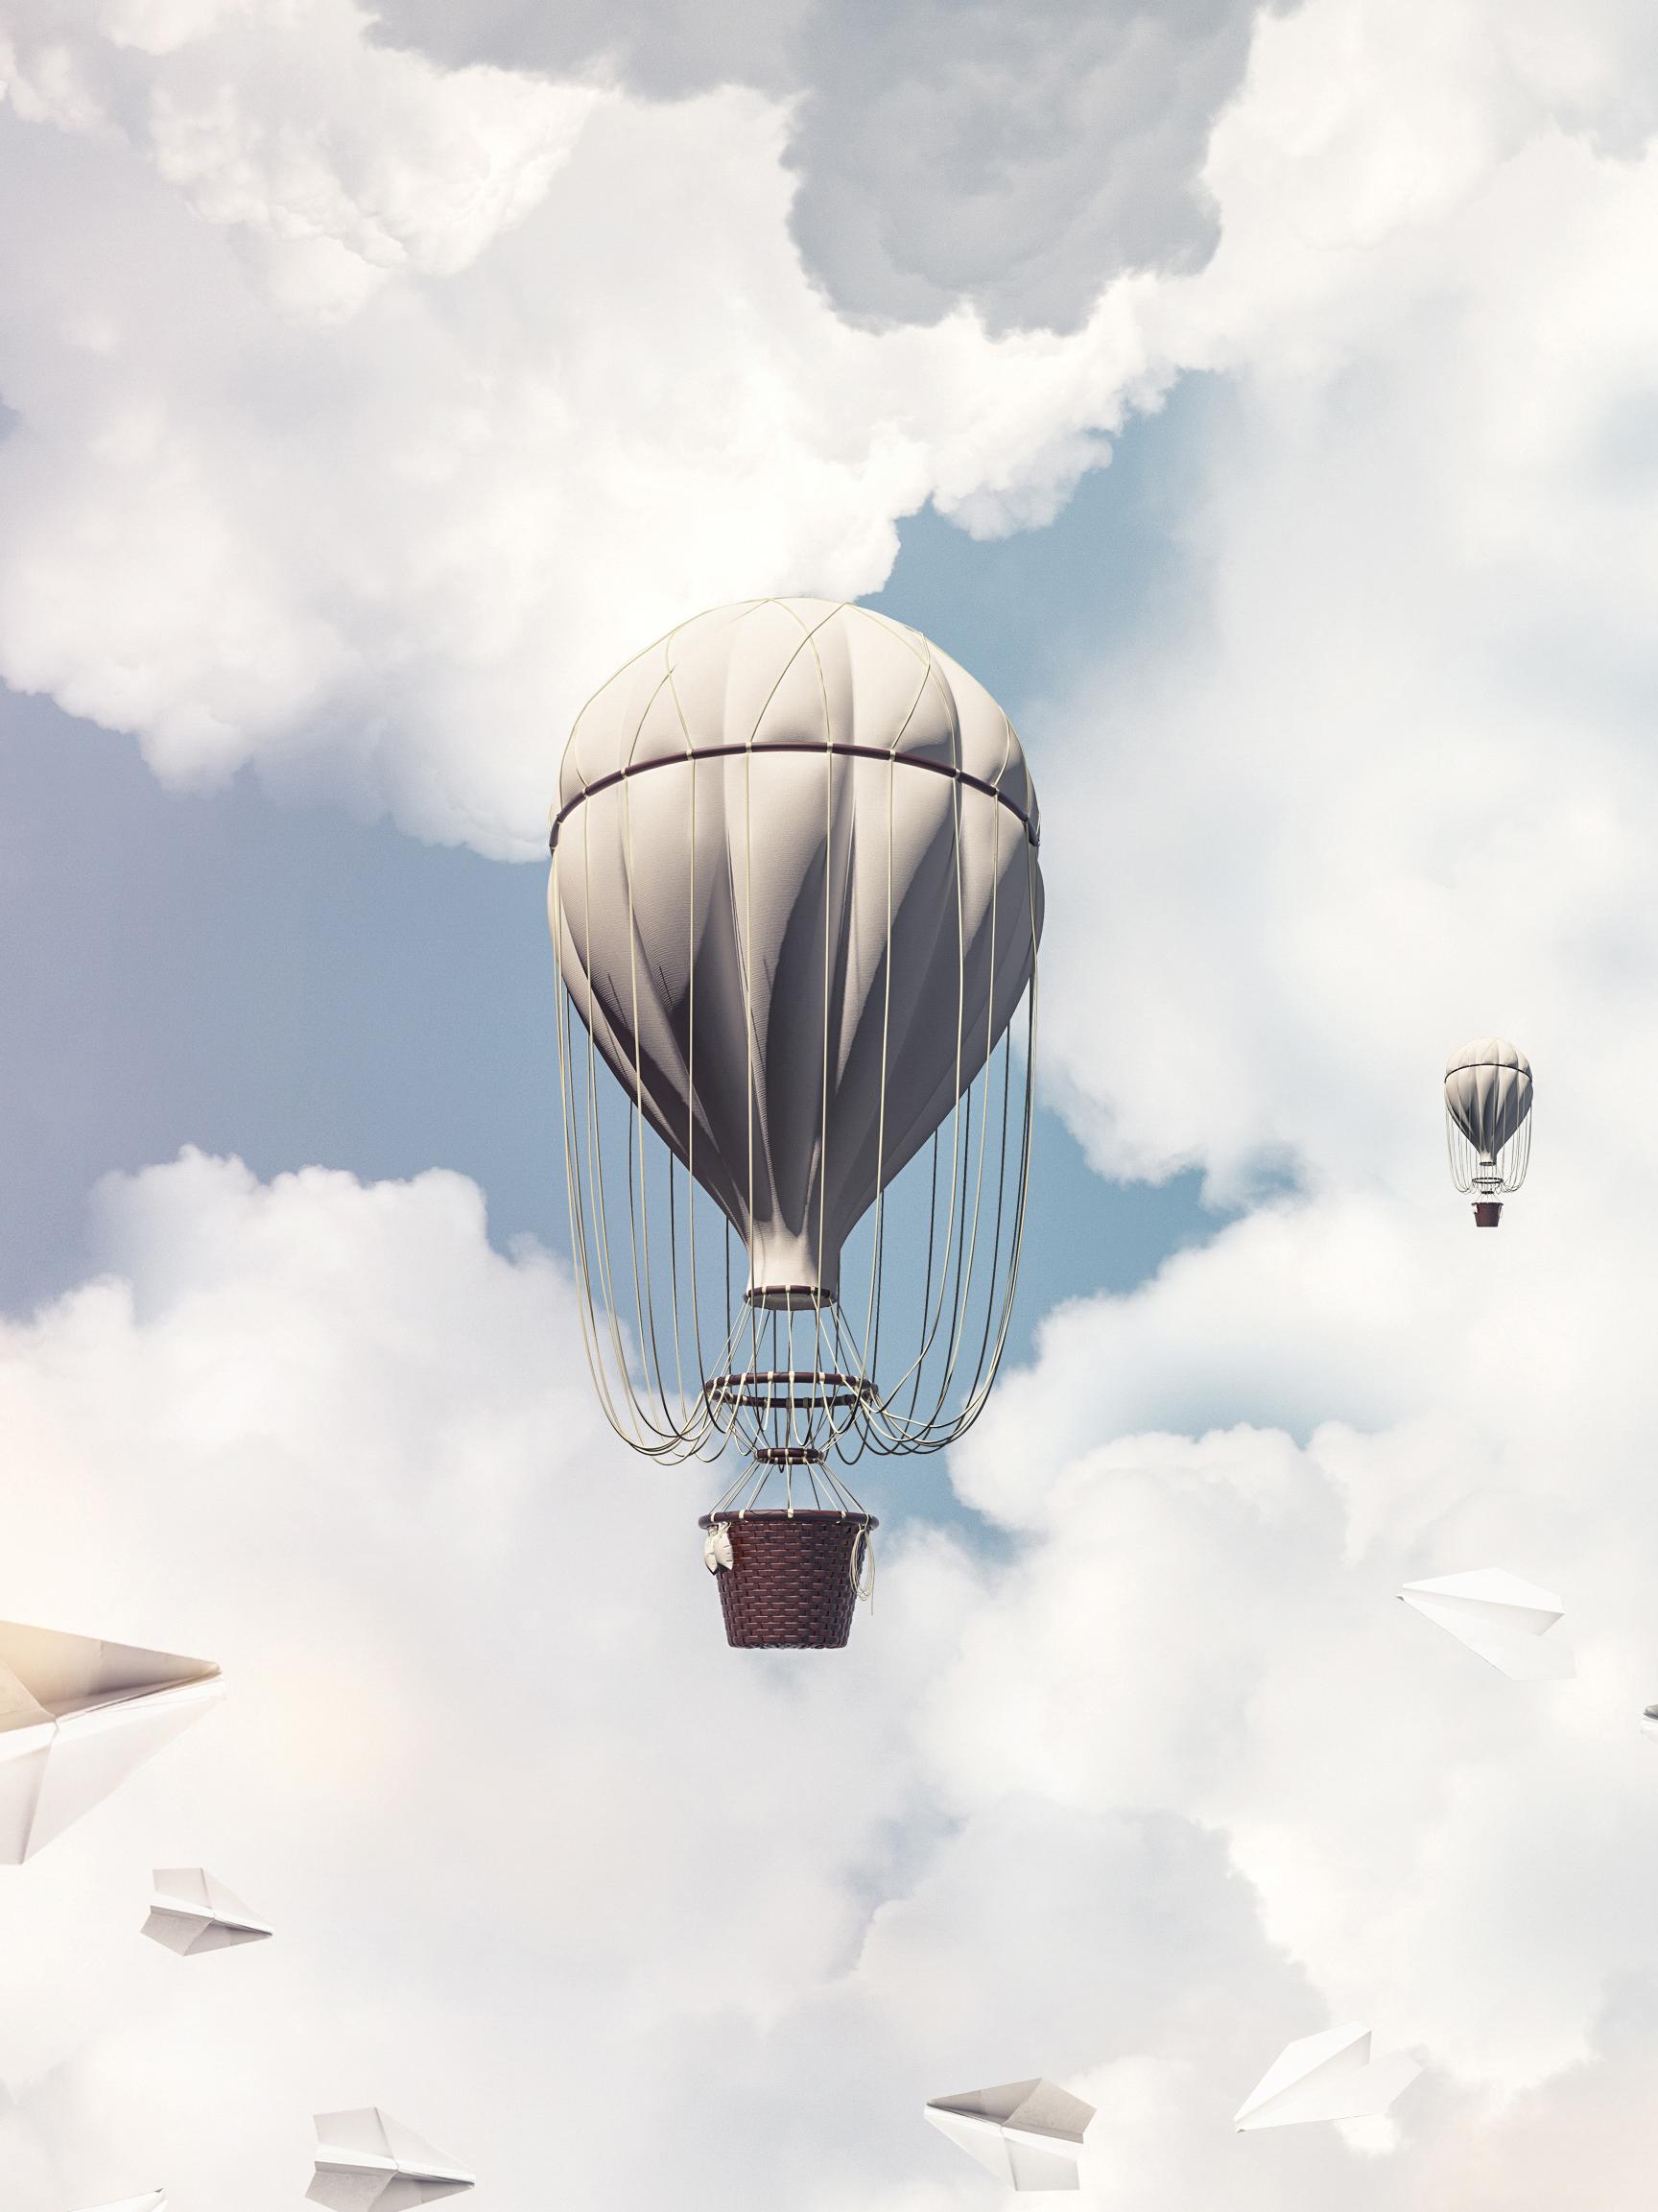 Balloon1.jpg